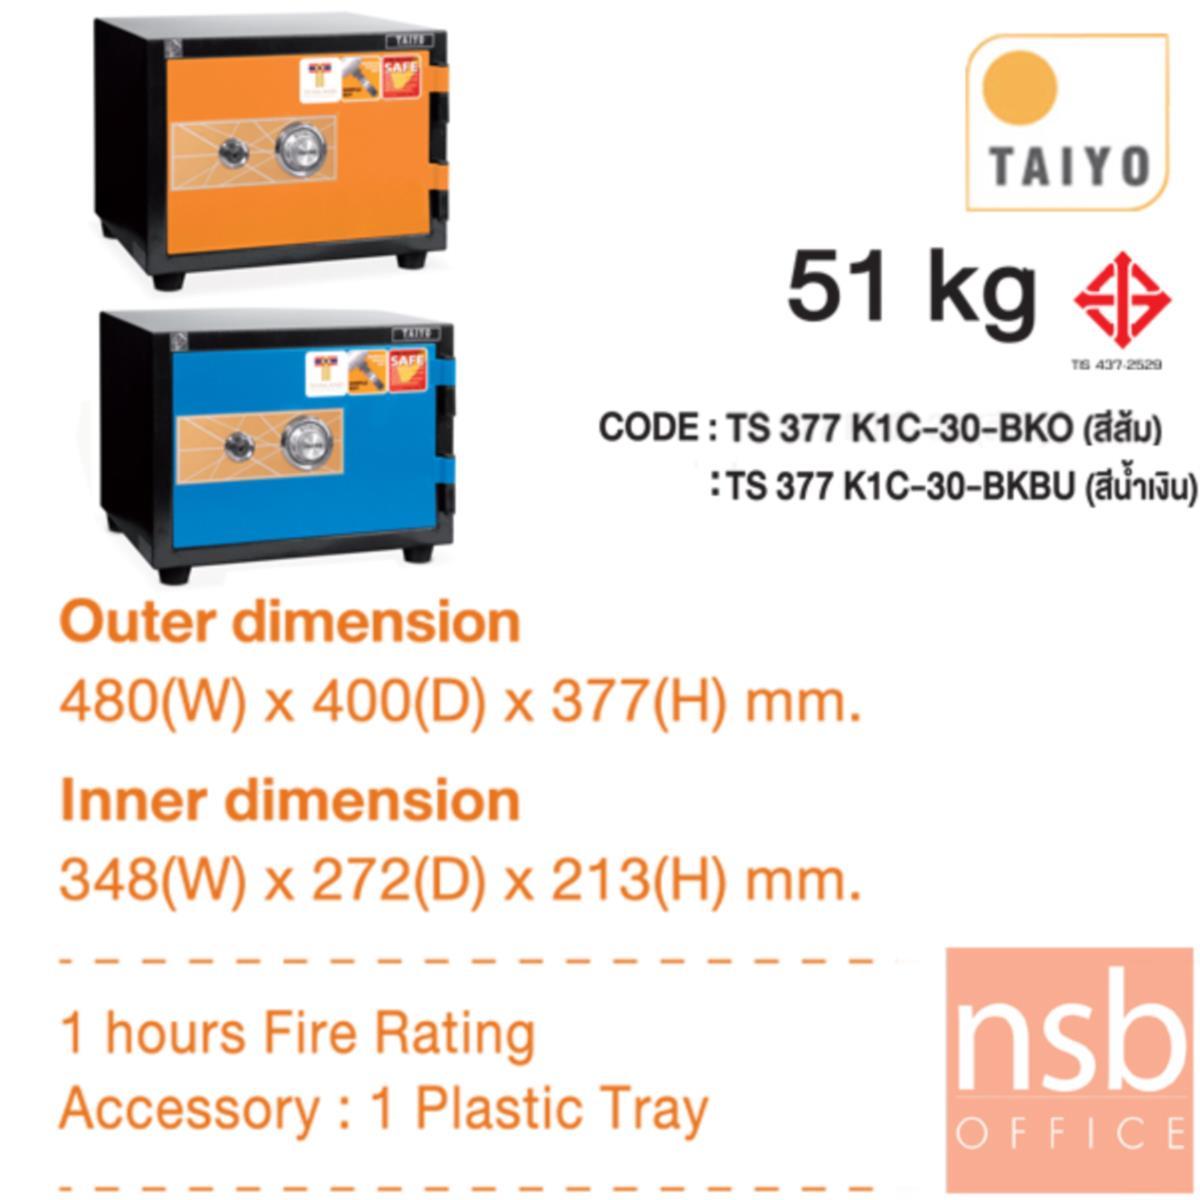 ตู้เซฟ TAIYO รุ่น 51 กก. หน้าบานสีสัน 1 กุญแจ 1 รหัส(TS377K1C-30-BK)